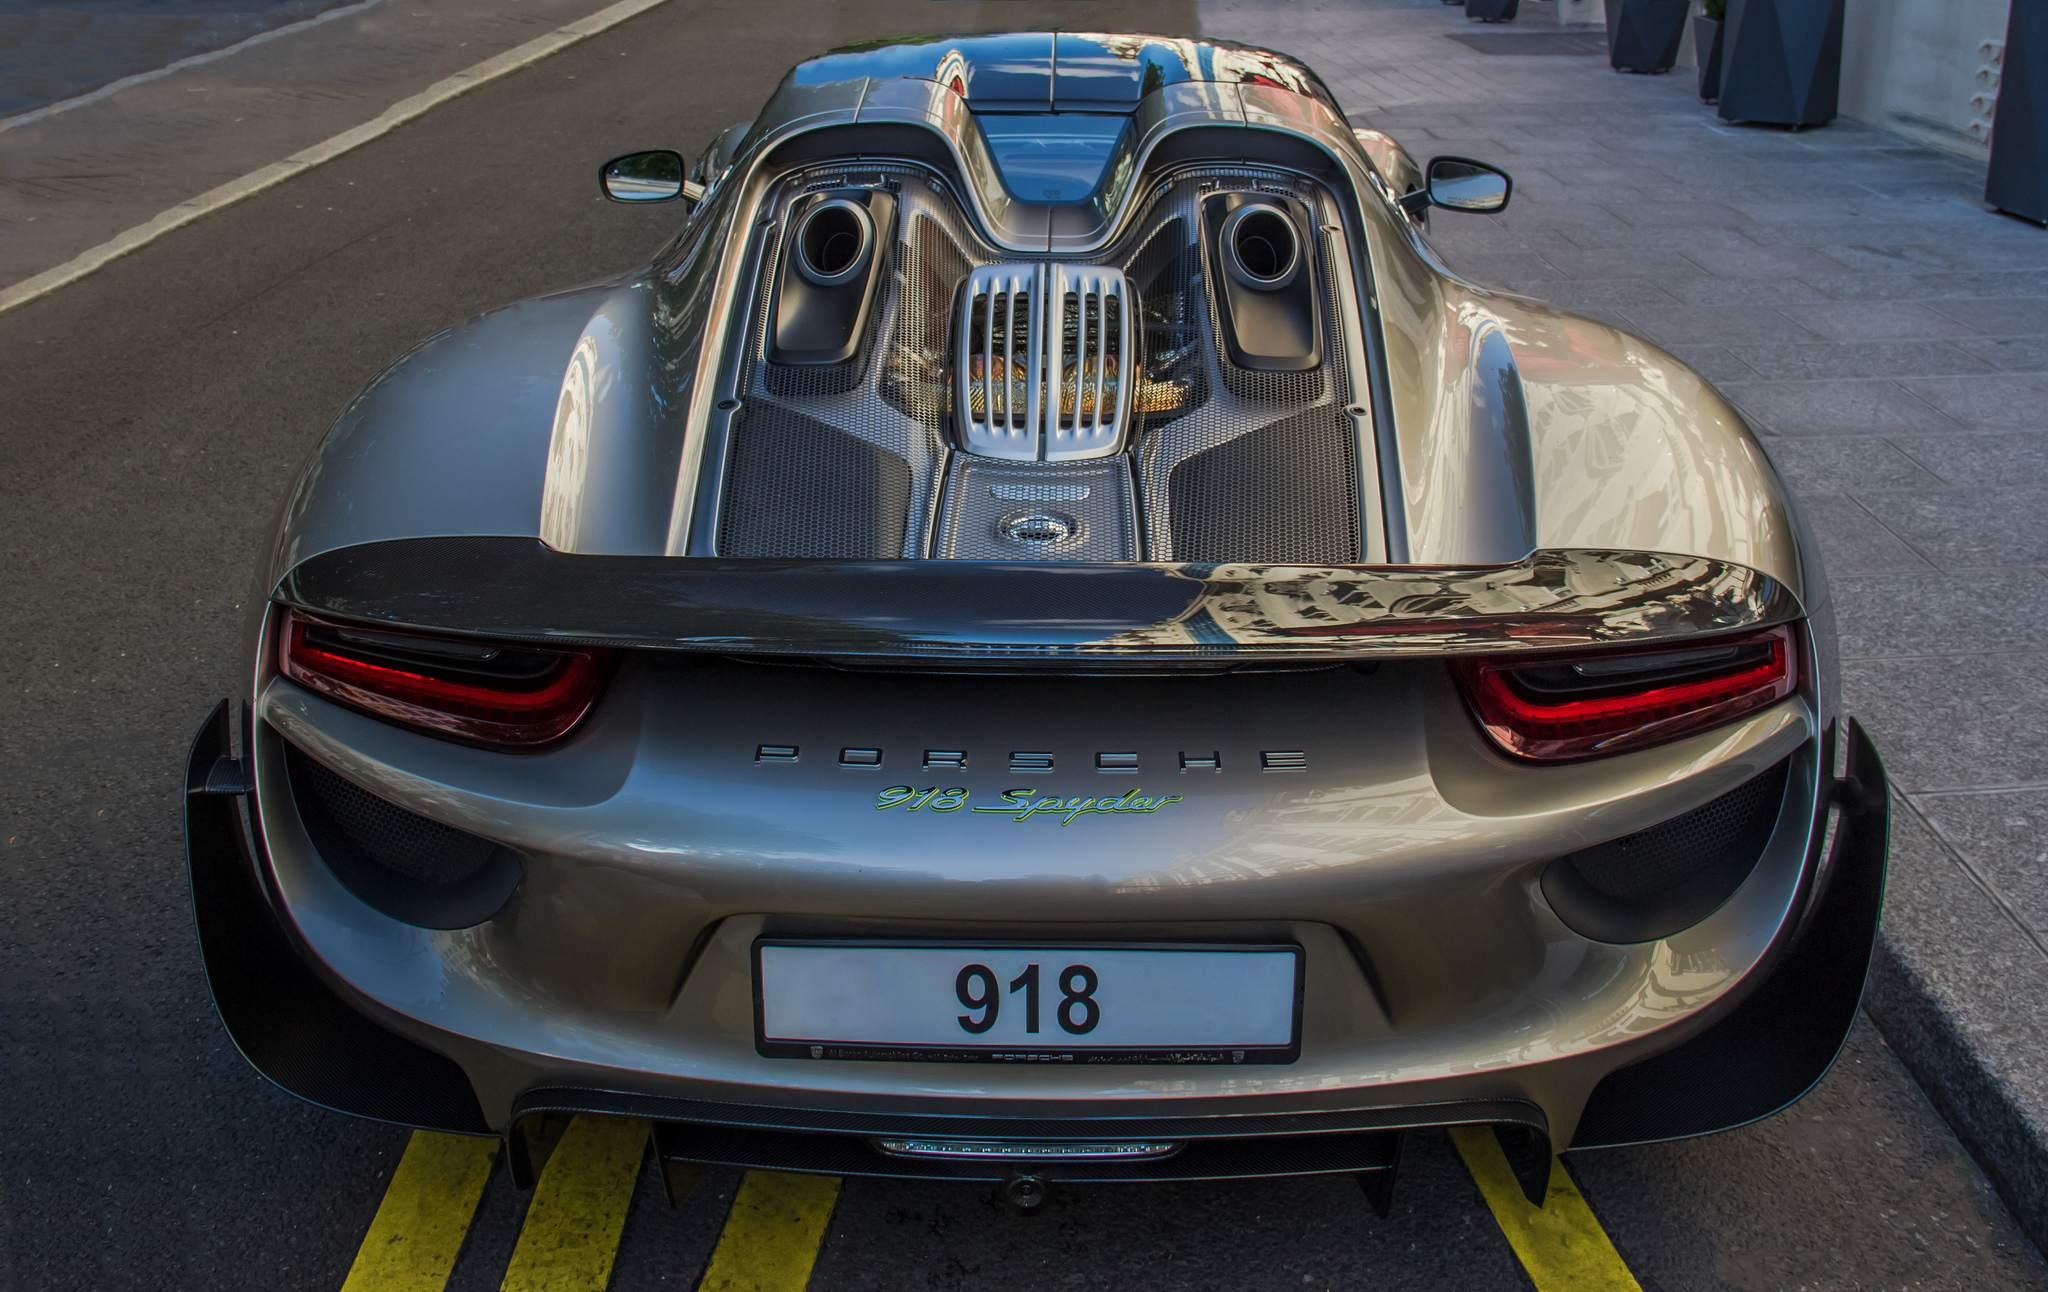 porsche 9187 Most Expesive Cars   Porsche 918